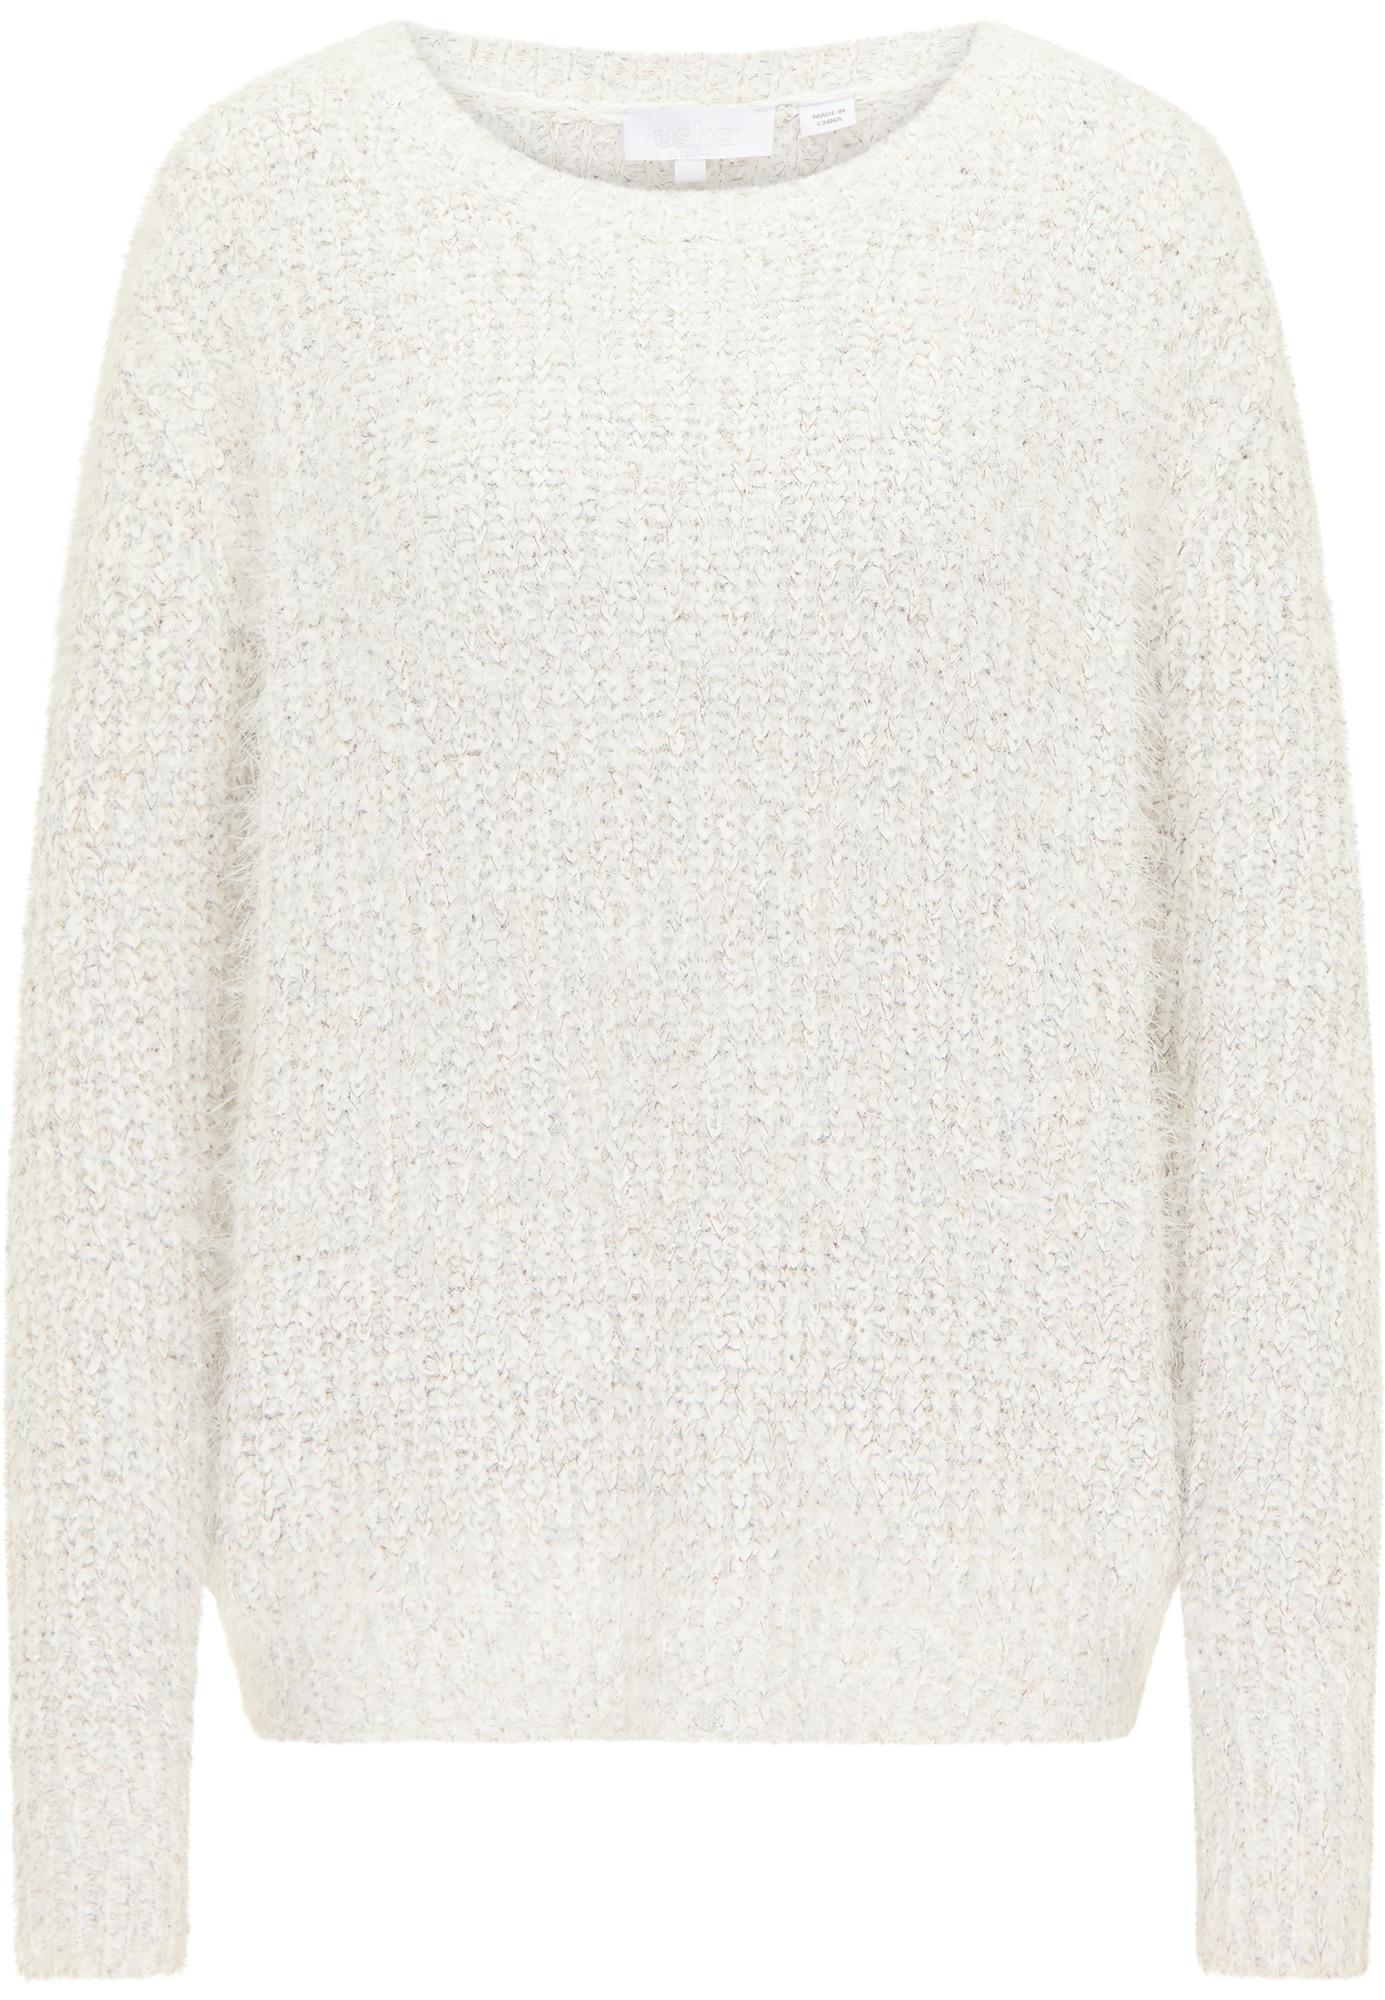 usha WHITE LABEL Megztinis natūrali balta